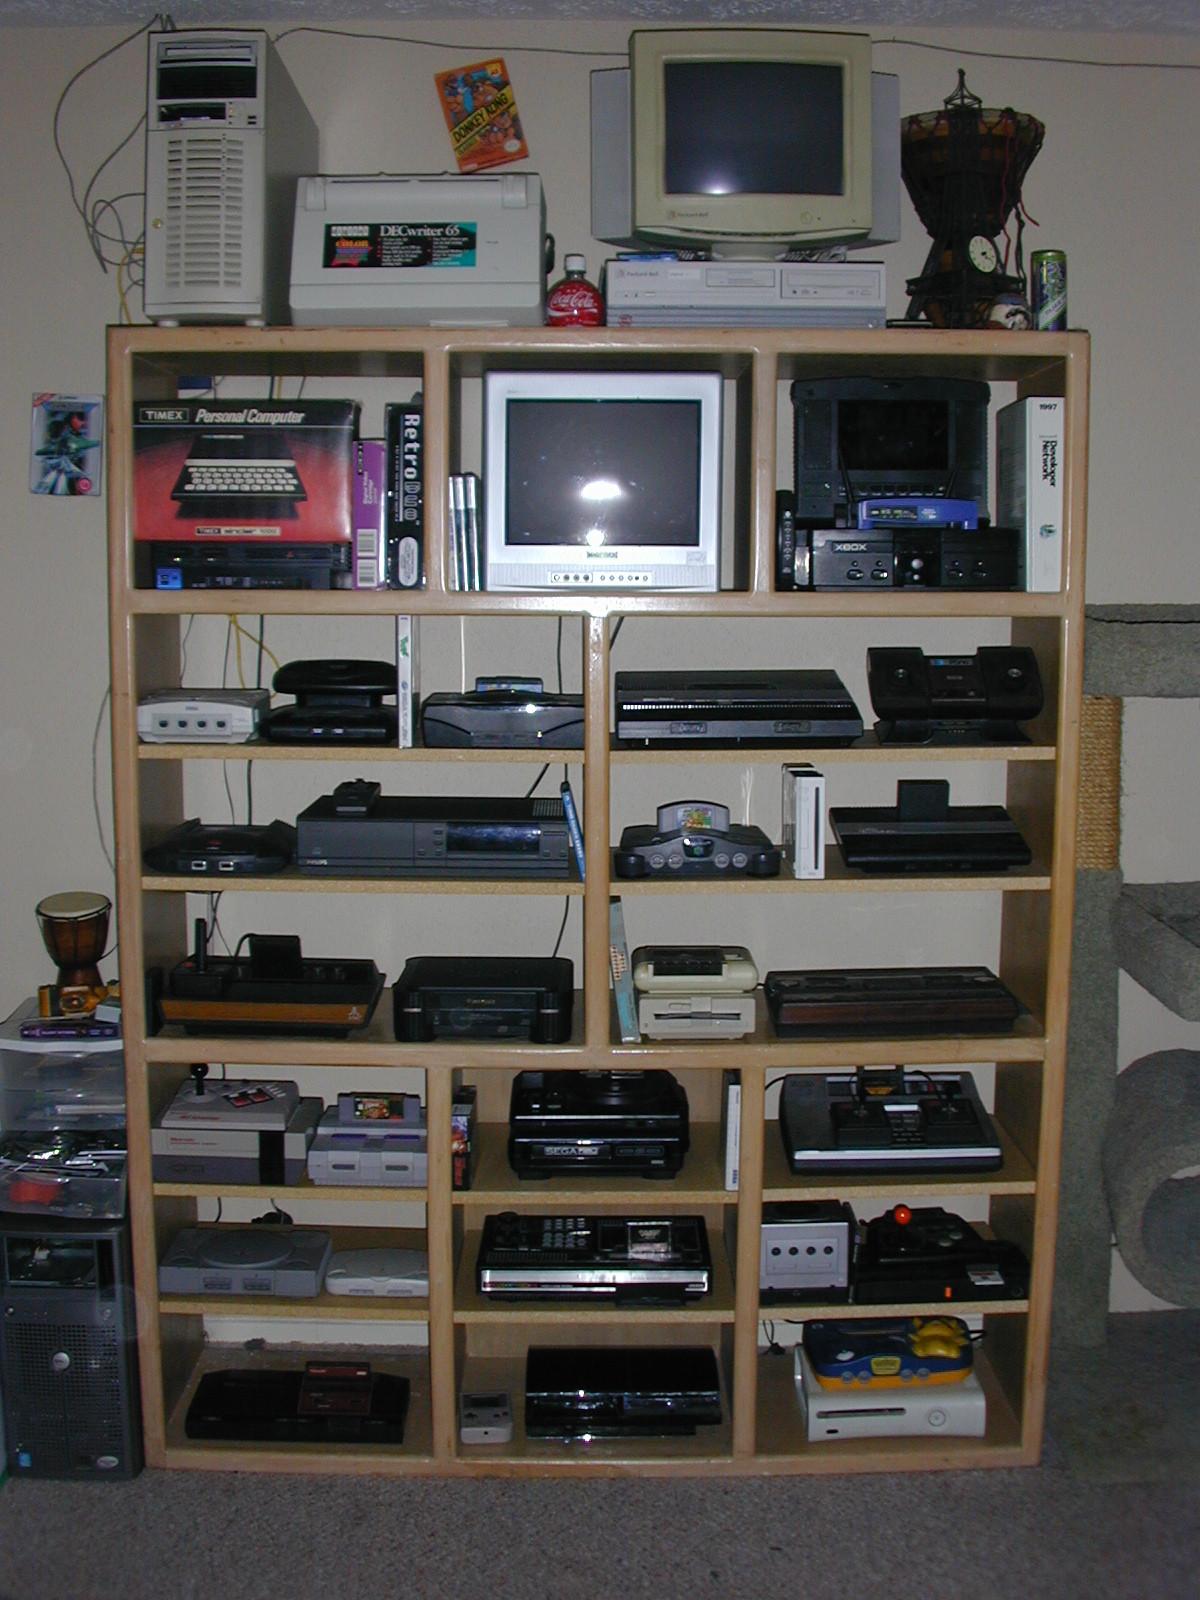 November 2010 Gamingreality